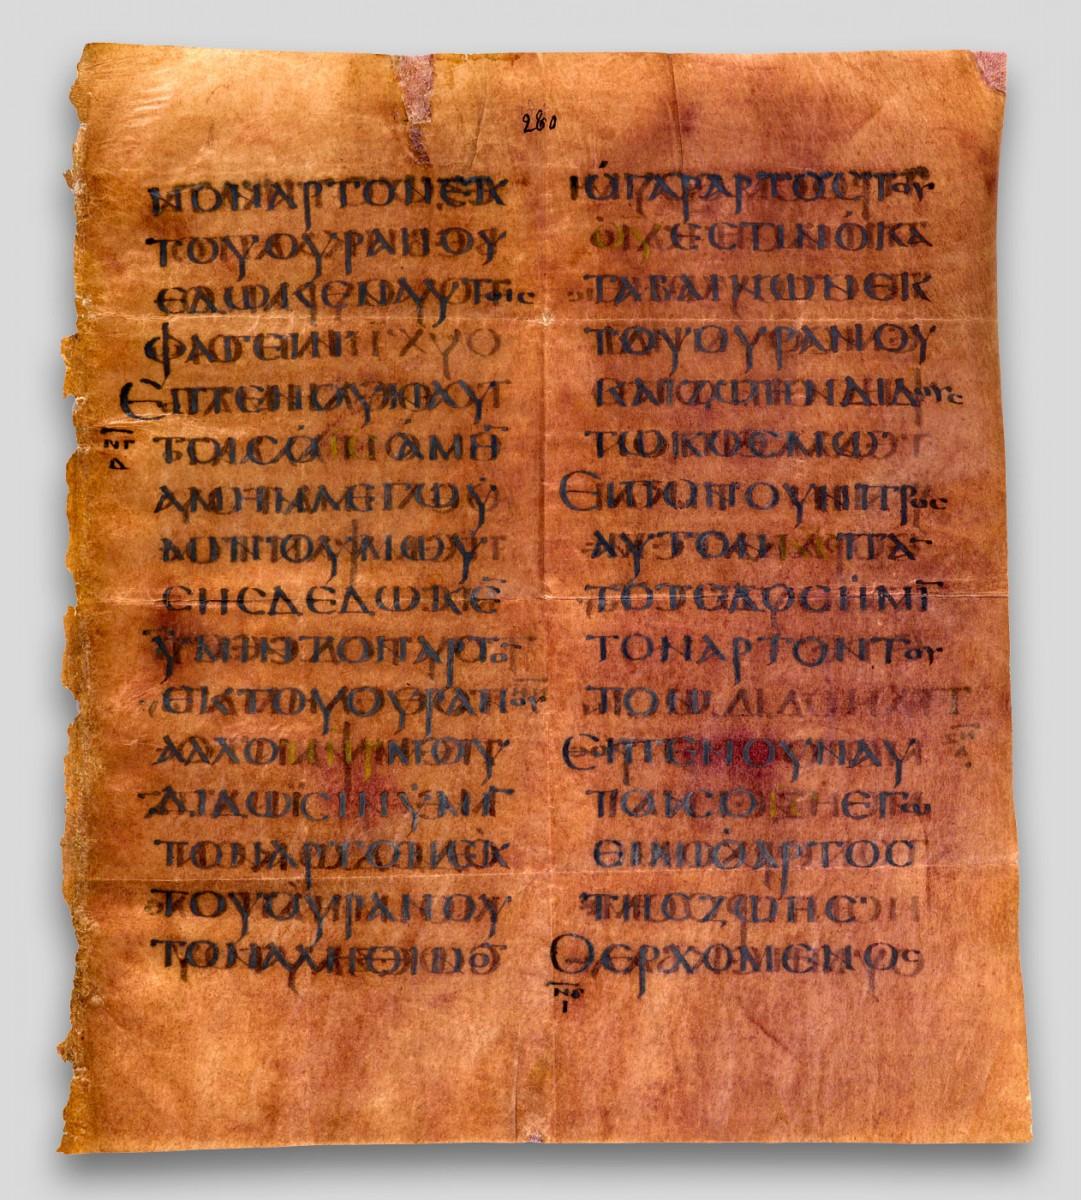 Εικ. 5. Πορφυρό φύλλο περγαμηνής (Ιω. 6,31-39) από τετραευαγγέλιο, τον λεγόμενο κώδικα της Πετρούπολης, σπάνιο δείγμα εκκλησιαστικού βιβλίου του 6ου αι. με ασημένια κεφαλαιογράμματη γραφή, όπου τονίζονται με χρυσό οι συντομογραφίες των ιερών ονομάτων.